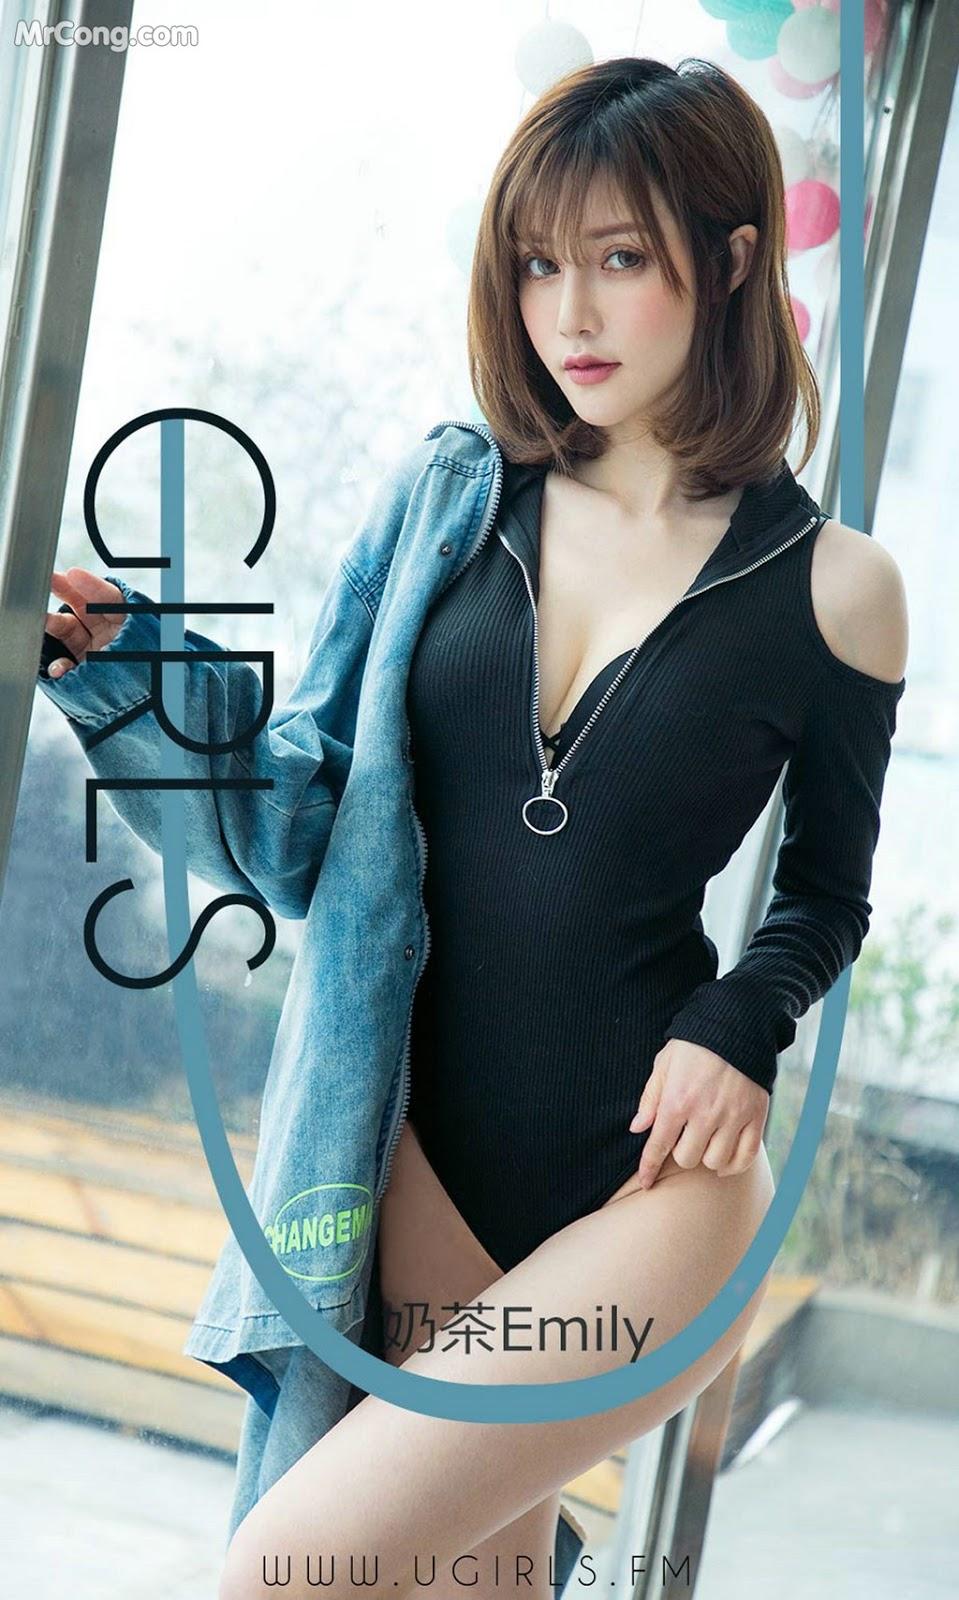 Image UGIRLS-Ai-You-Wu-App-No.1388-Emily-MrCong.com-001 in post UGIRLS – Ai You Wu App No.1388: Người mẫu 奶茶Emily (35 ảnh)